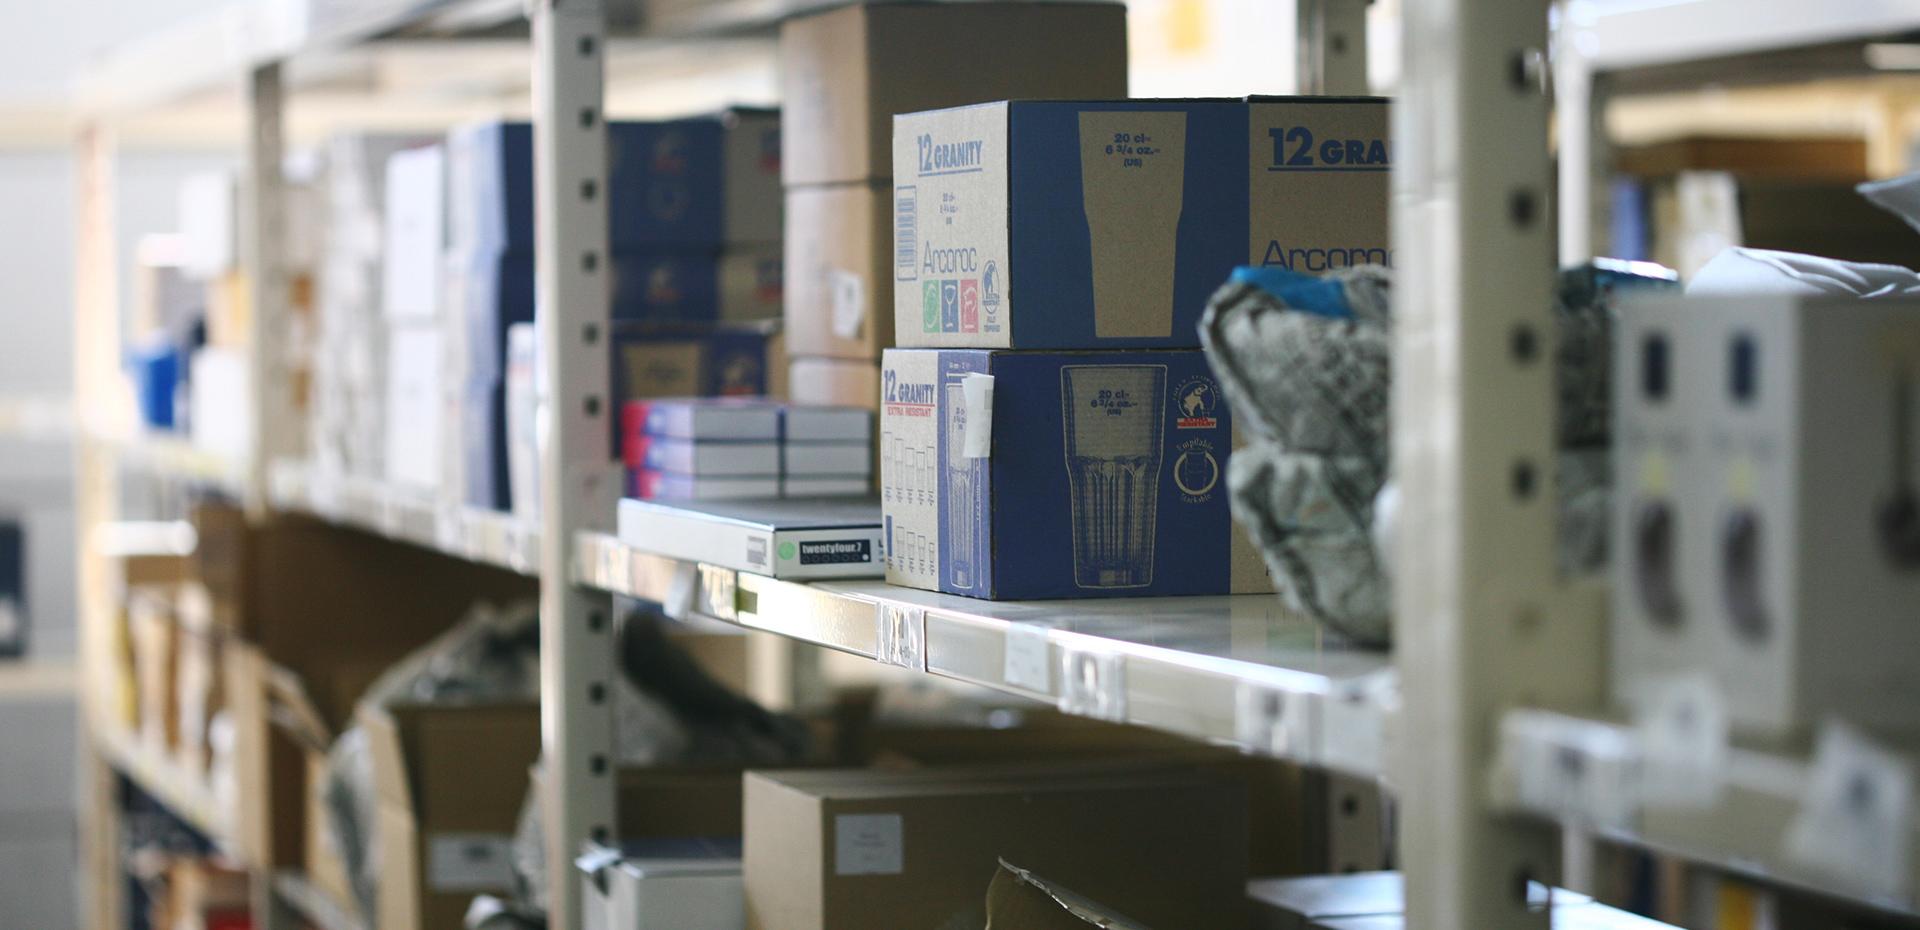 image_warehouse17